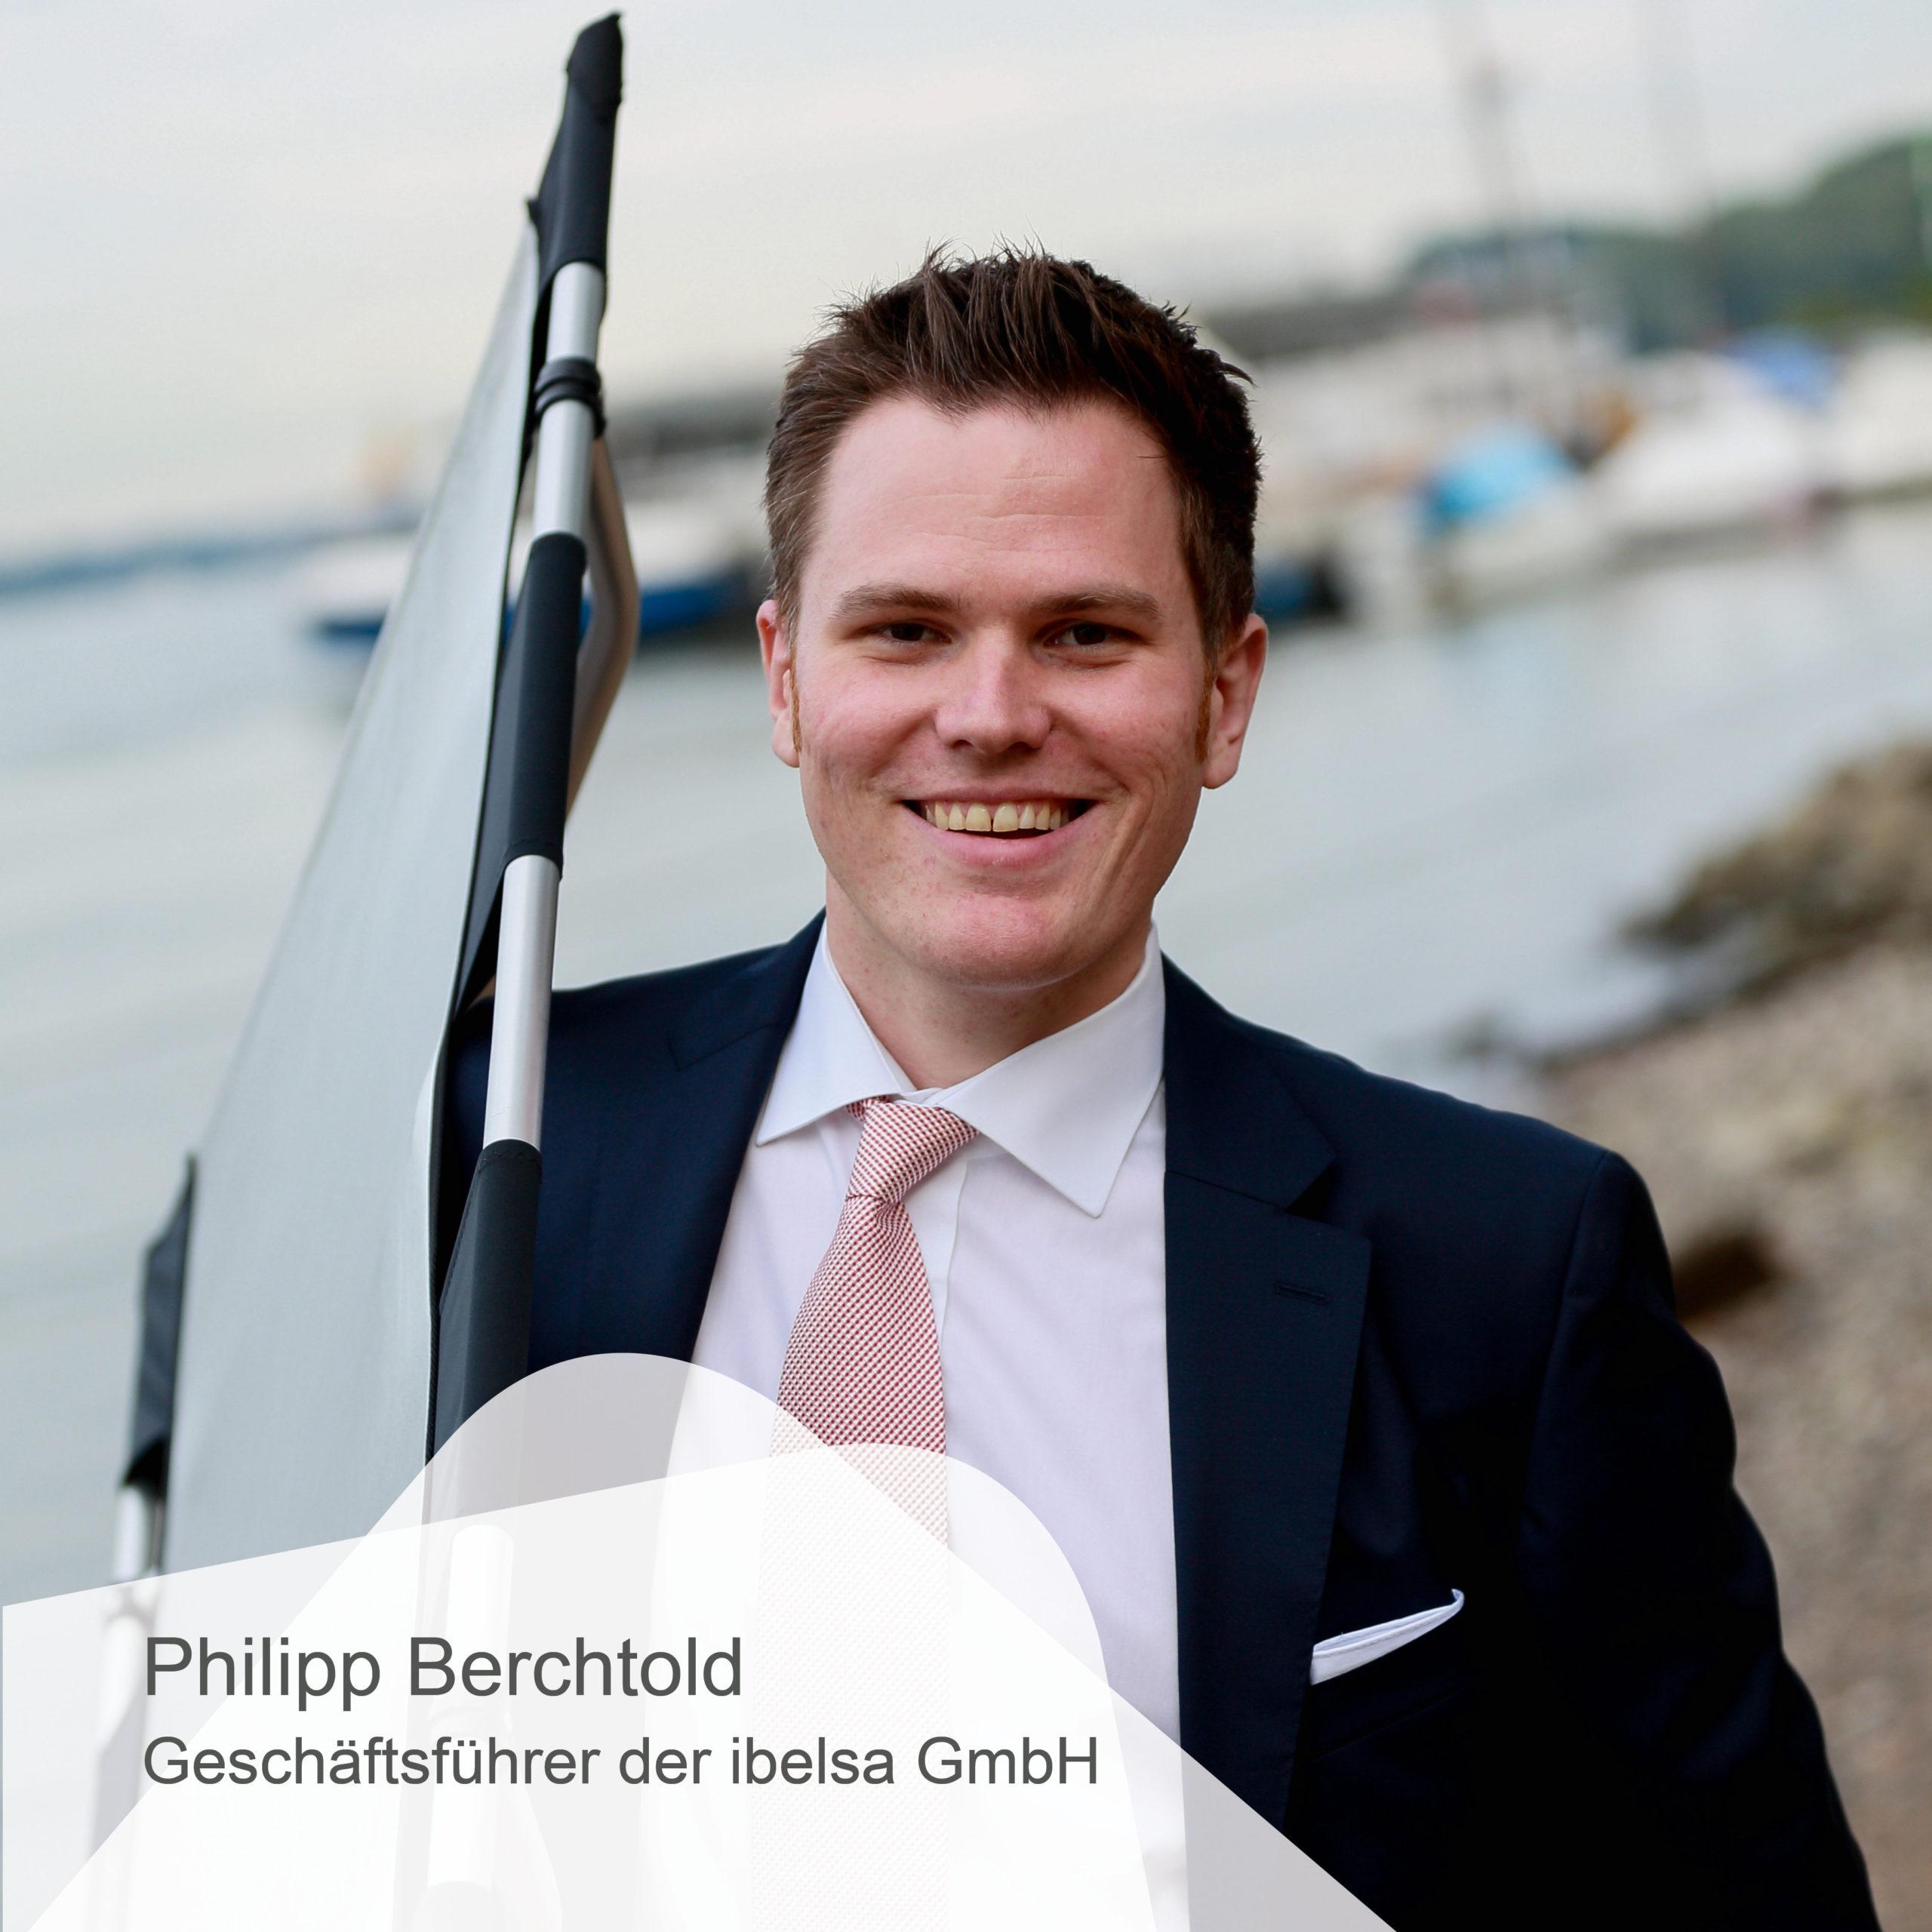 Blogbeitrag Interview mit Philipp Berchtold, Geschäftsführer der ibelsa GmbH